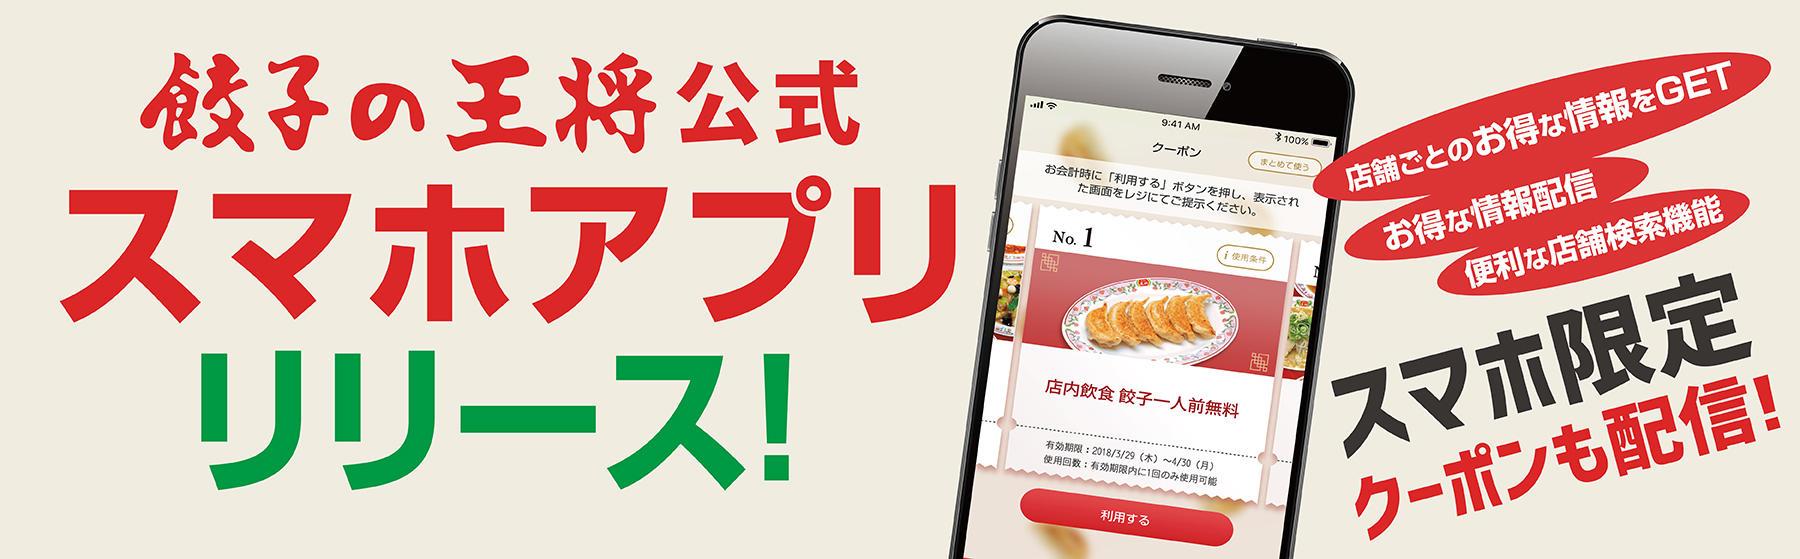 餃子の王将アプリリリース記念で餃子1人前クーポンを無料配信中。~4/30。